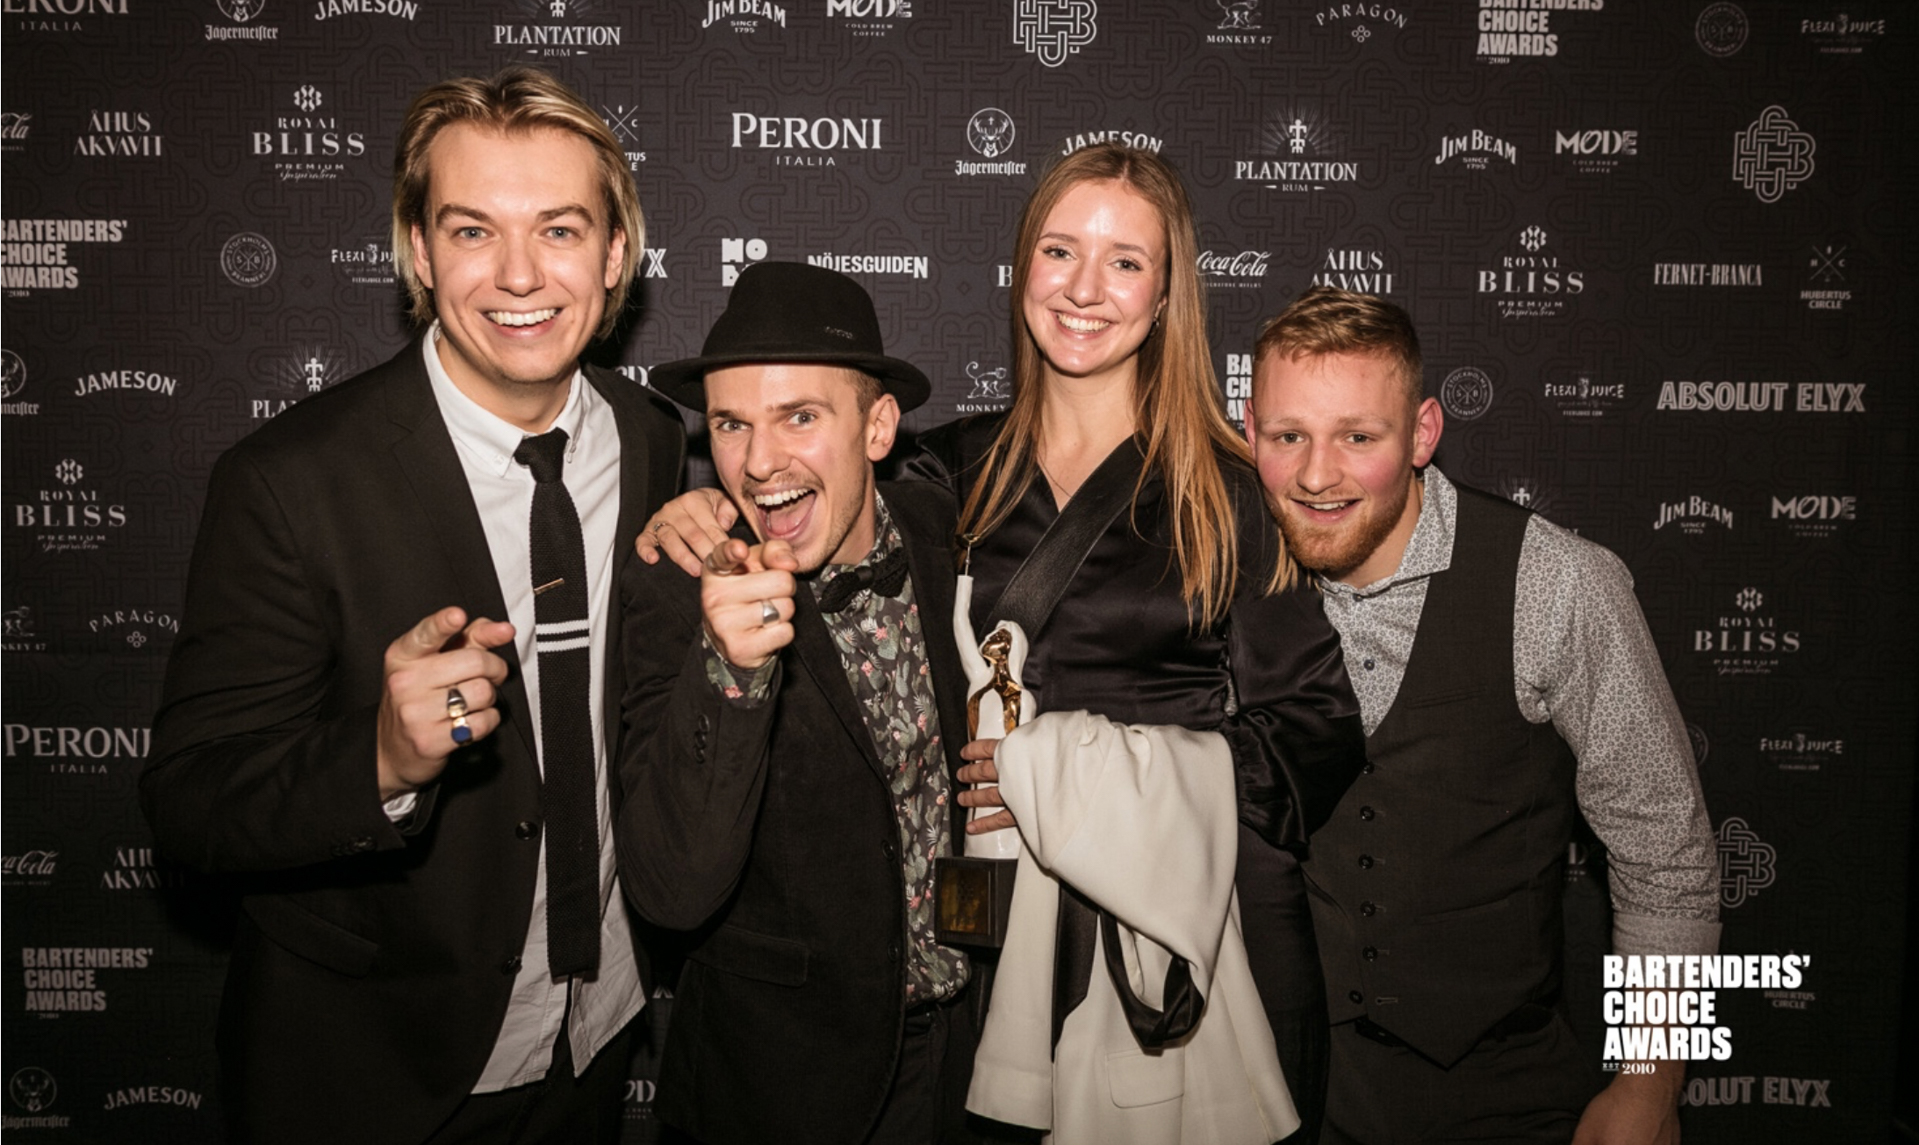 Sejr til Aarhus: Gedulgt vinder fornem pris for andet år i træk i Stockholm